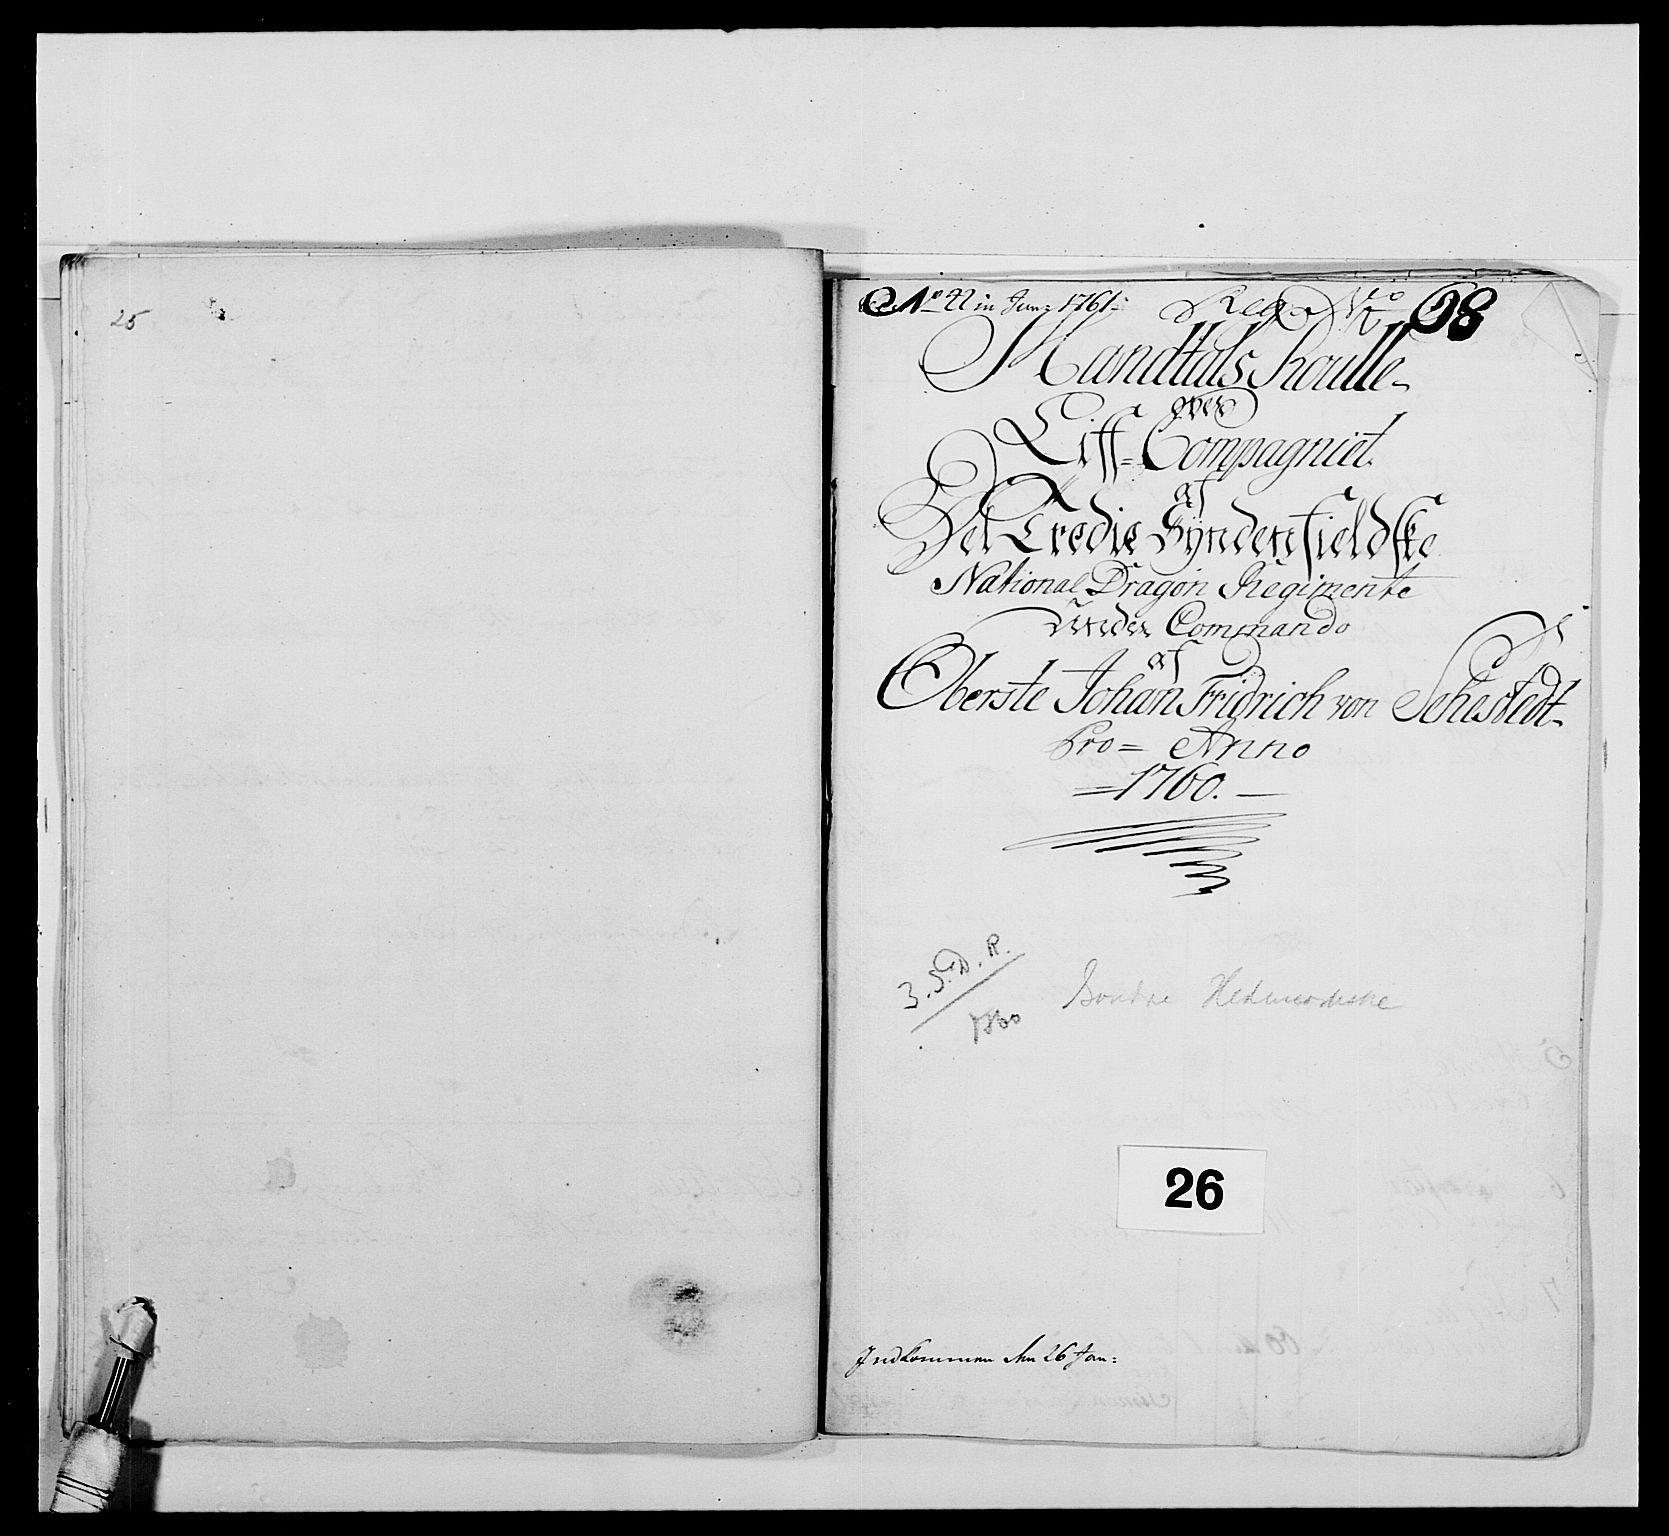 RA, Kommanderende general (KG I) med Det norske krigsdirektorium, E/Ea/L0479: 3. Sønnafjelske dragonregiment, 1756-1760, s. 460